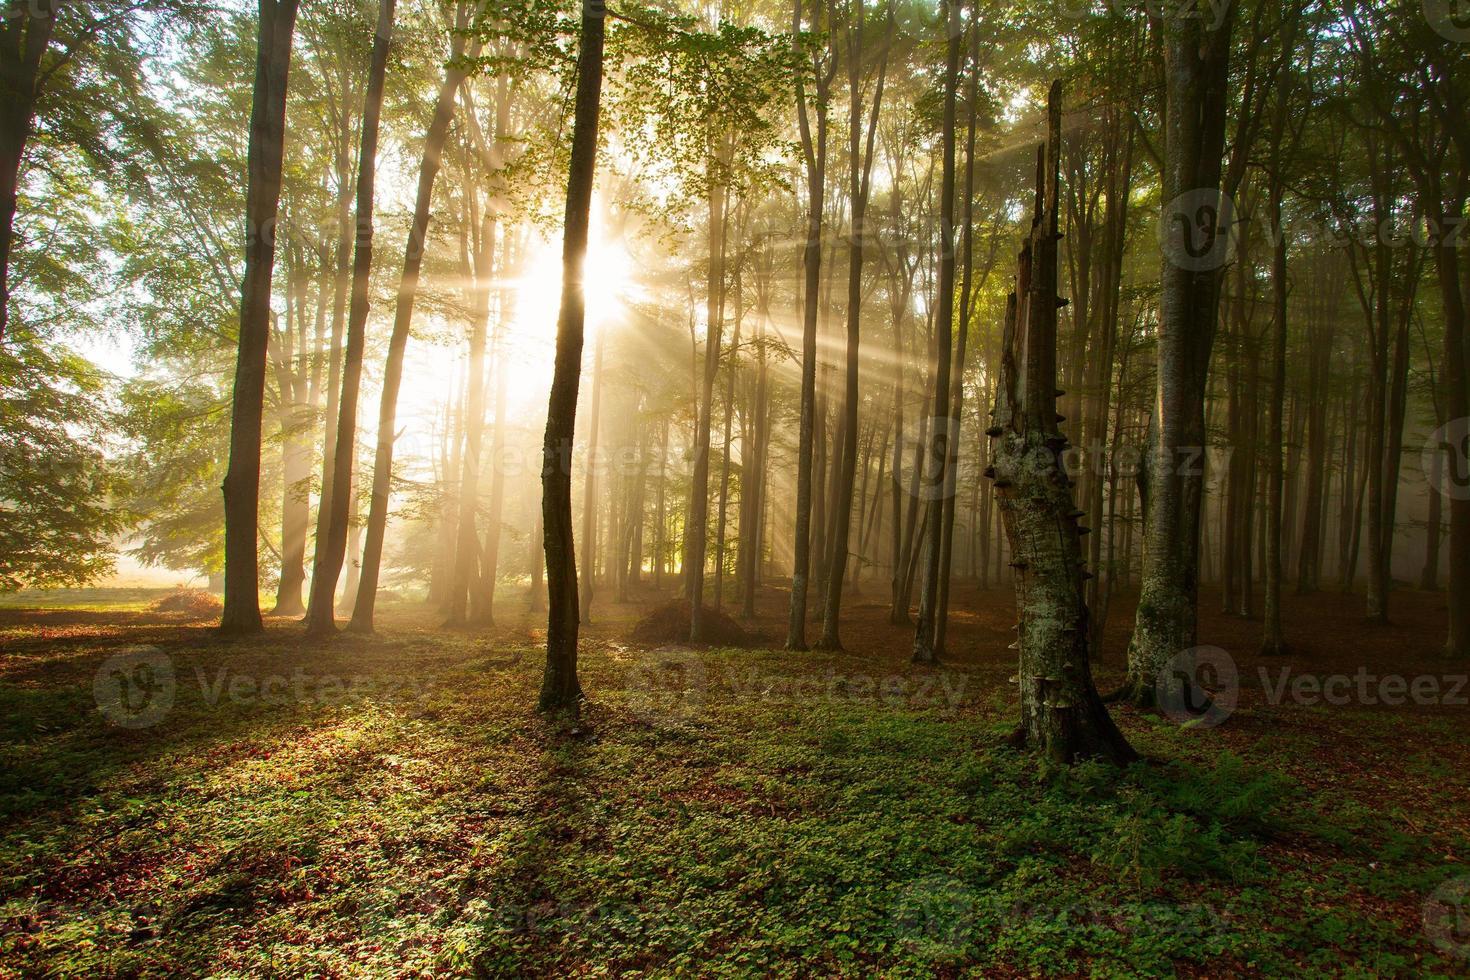 alberi forestali autunnali. Sfondi di natura verde e legno del sole. foto